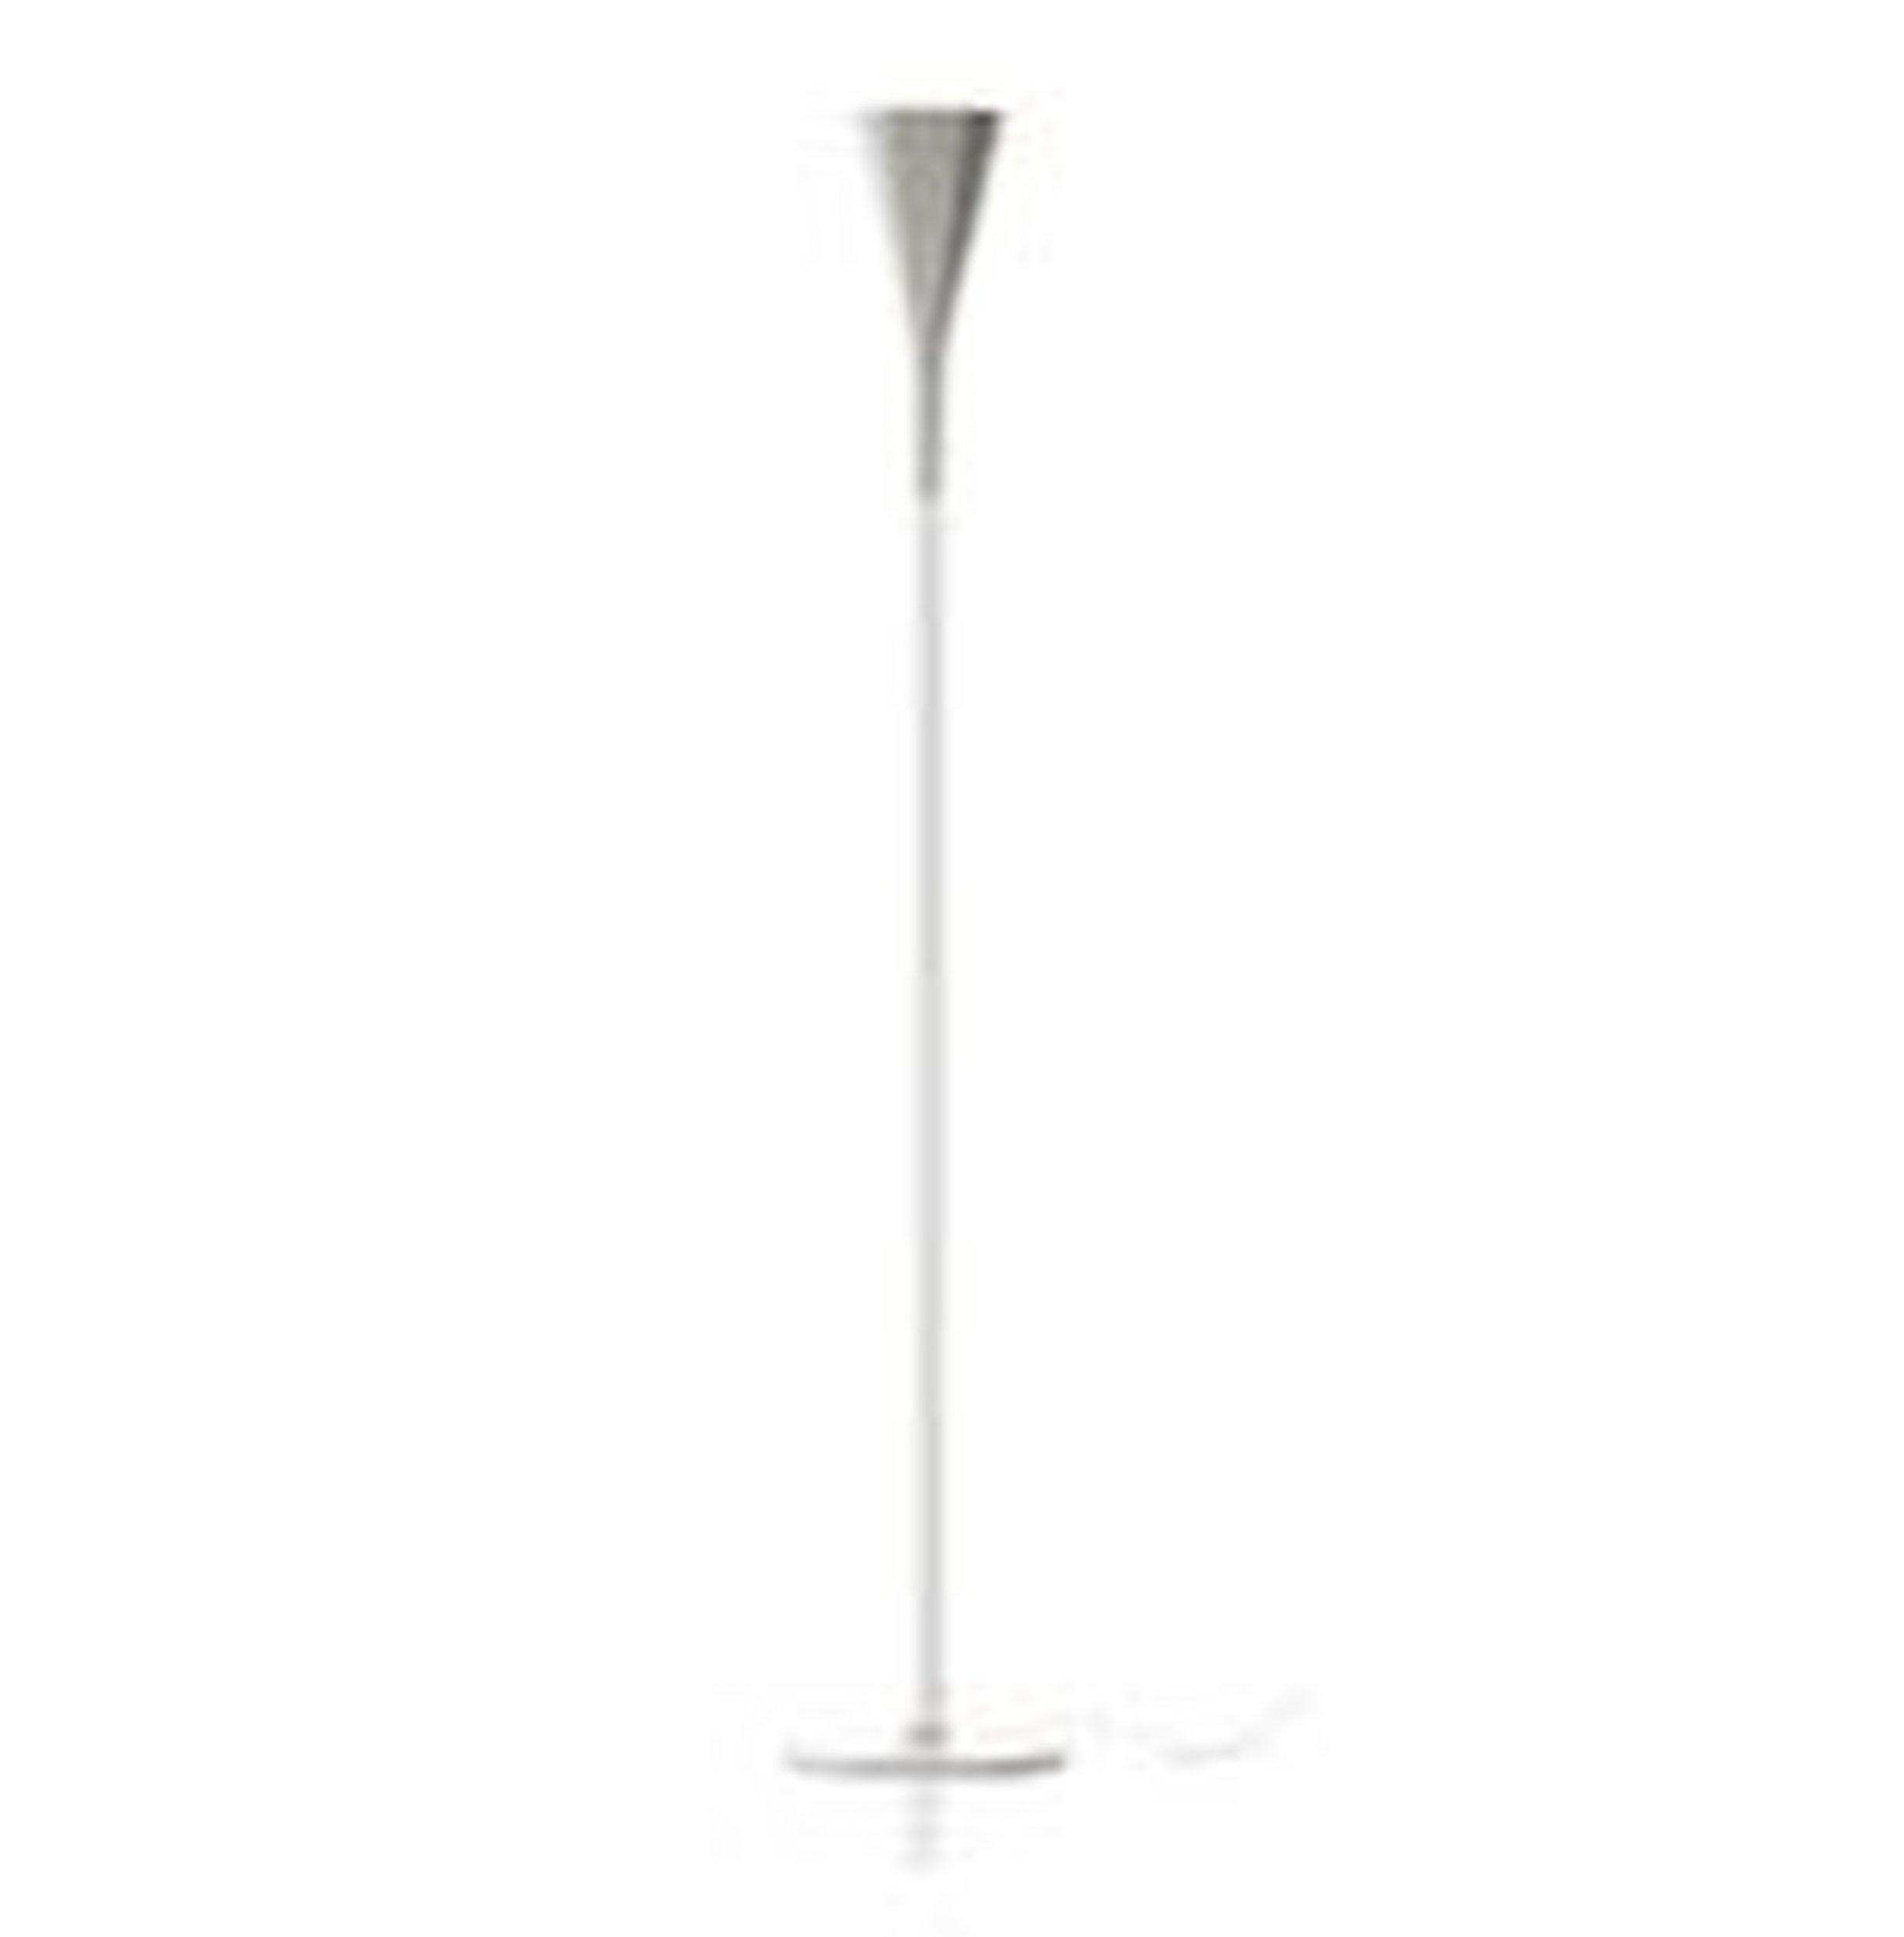 Lampa podłogowa Aplomb biała - małe zdjęcie